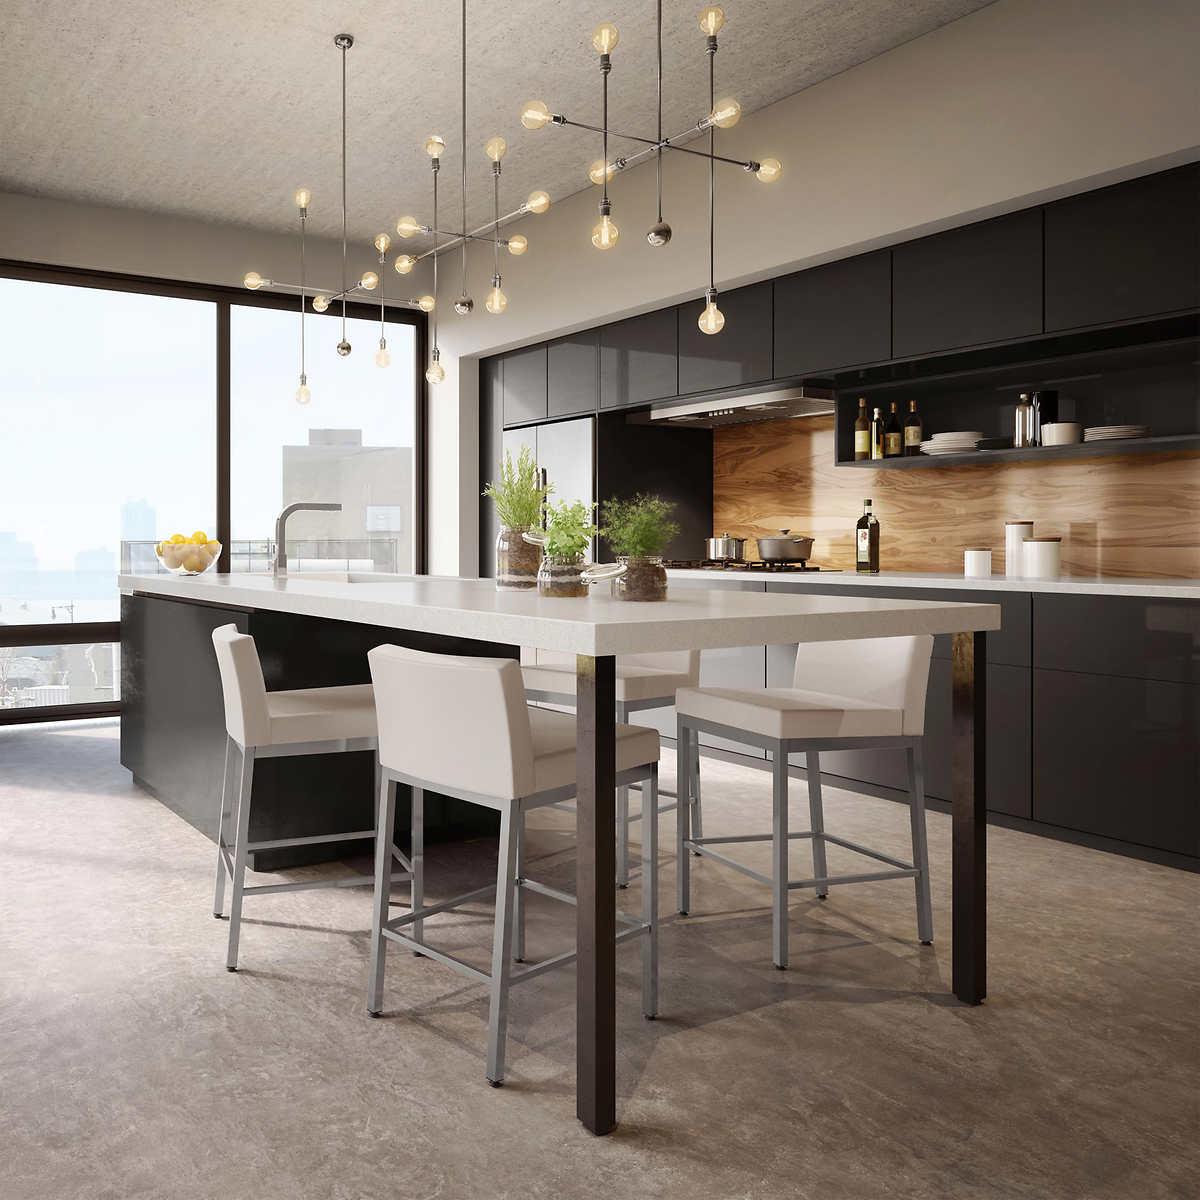 kitchen counter bar stools stools counter top